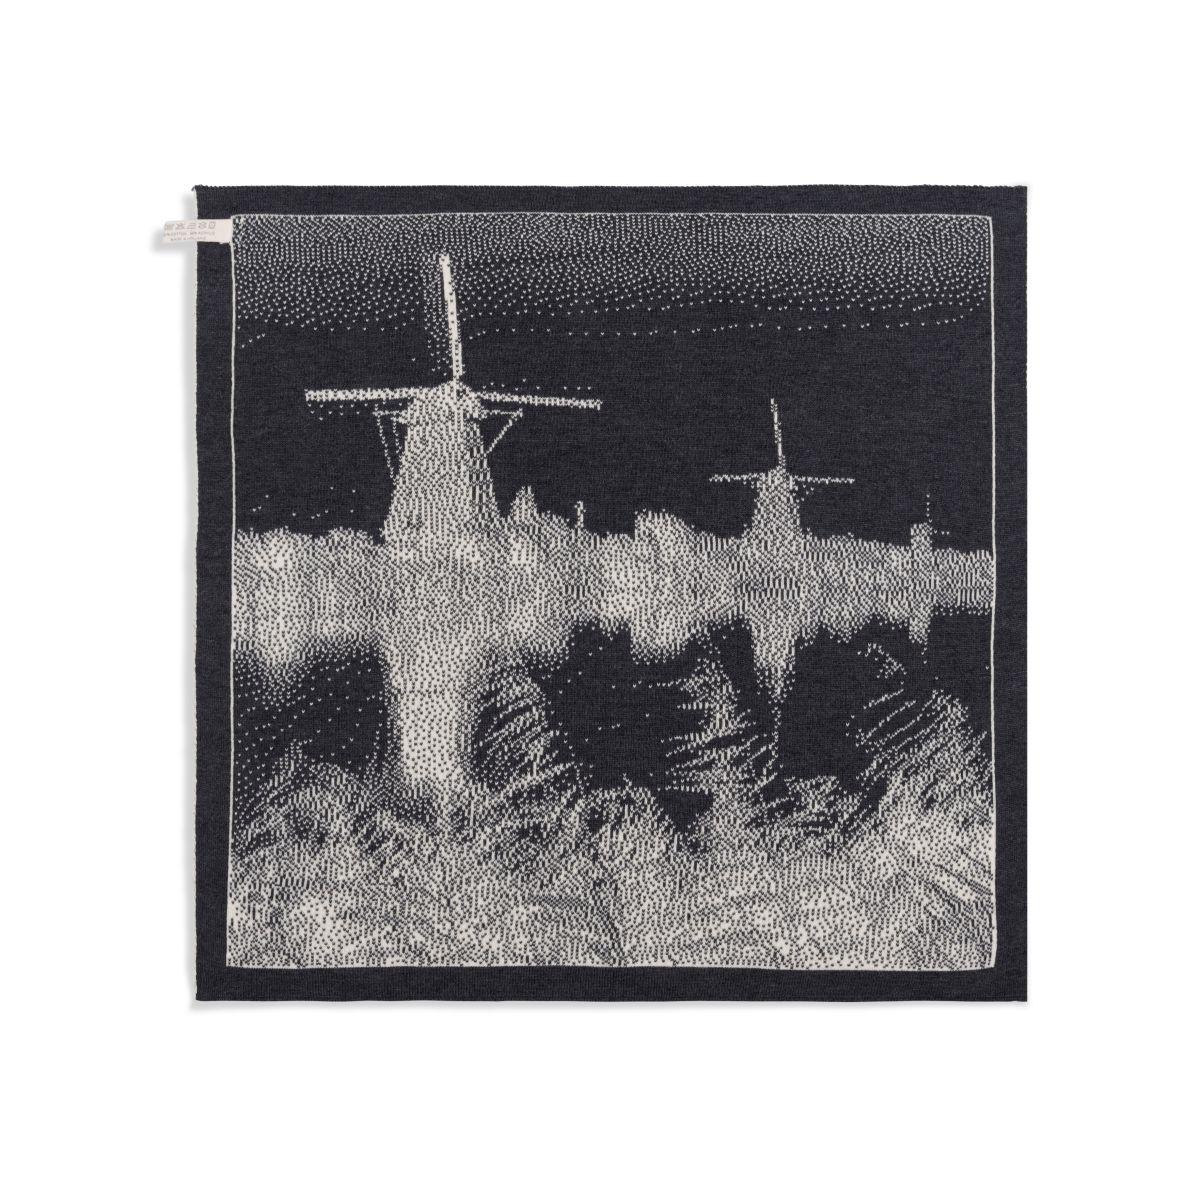 knit factory 2300070 keukendoek molens ecru antraciet 2